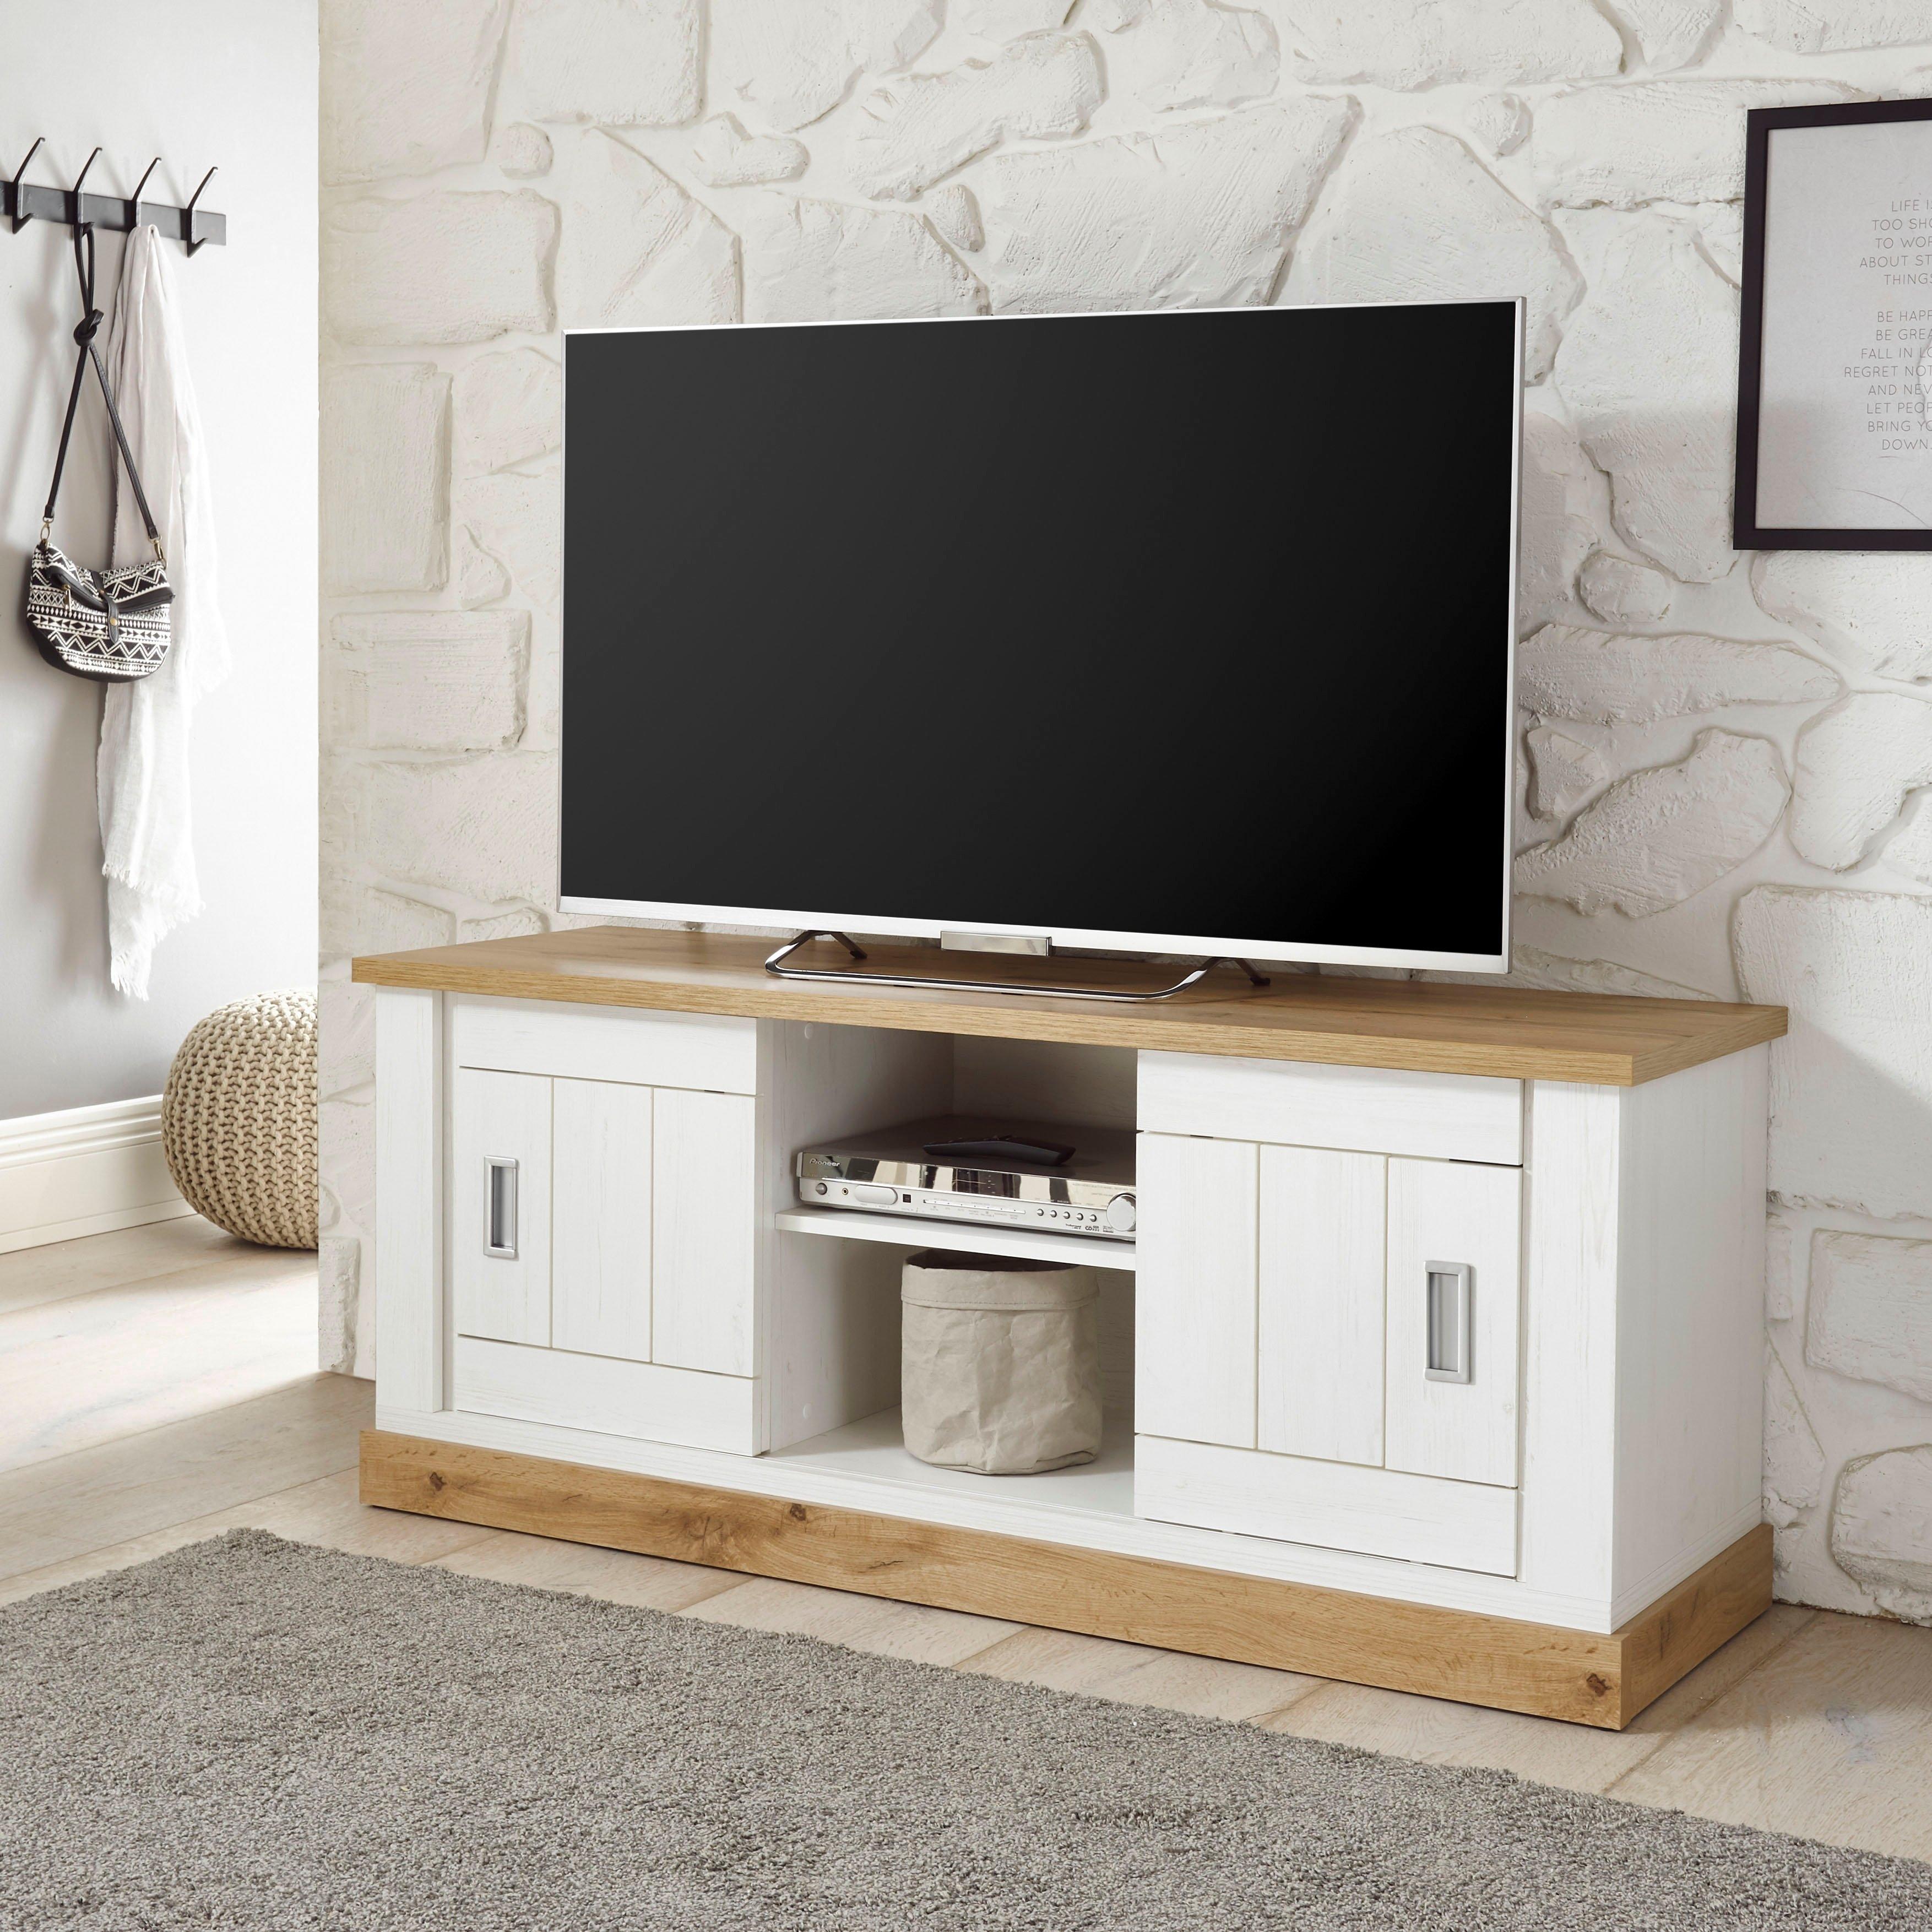 Home affaire tv-meubel Orlando in de romantische landhuislook bestellen: 30 dagen bedenktijd